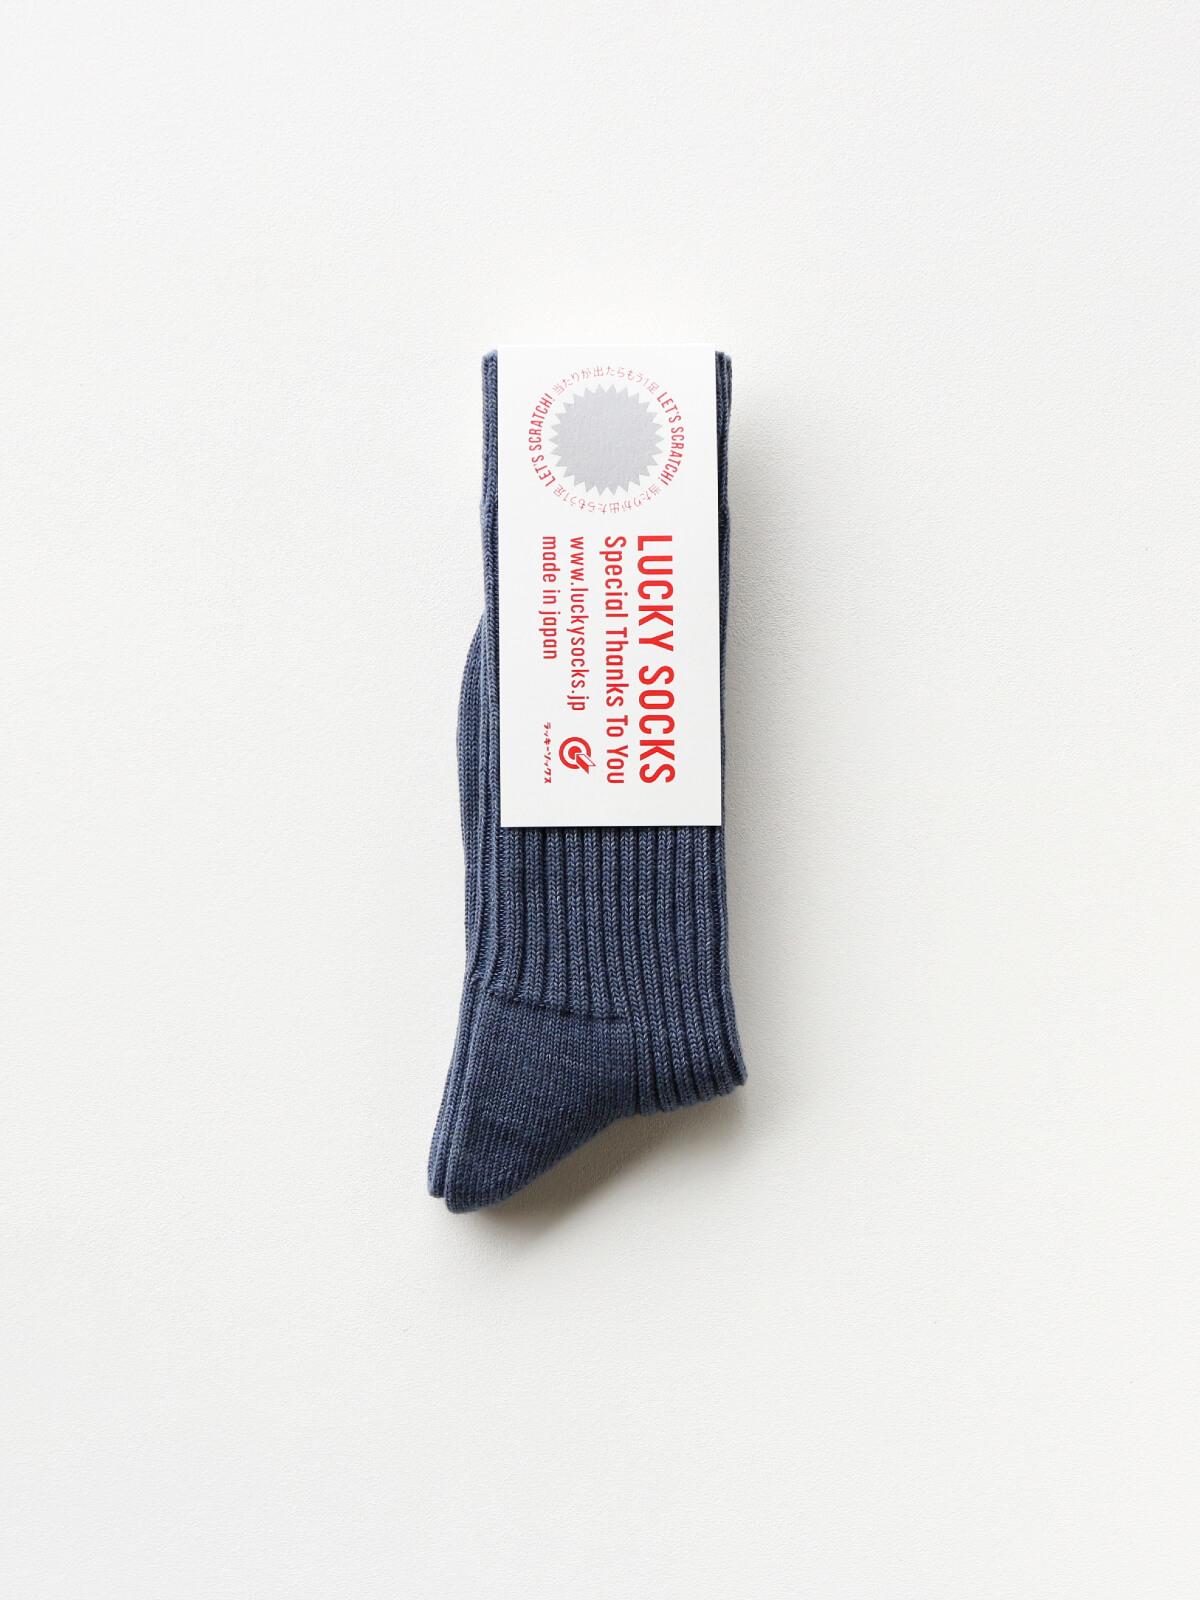 当たりつきギフト専用靴下のLUCKY SOCKS(ラッキーソックス)のSmooth Rib Socks(スムースリブソックス)のインディゴ_1